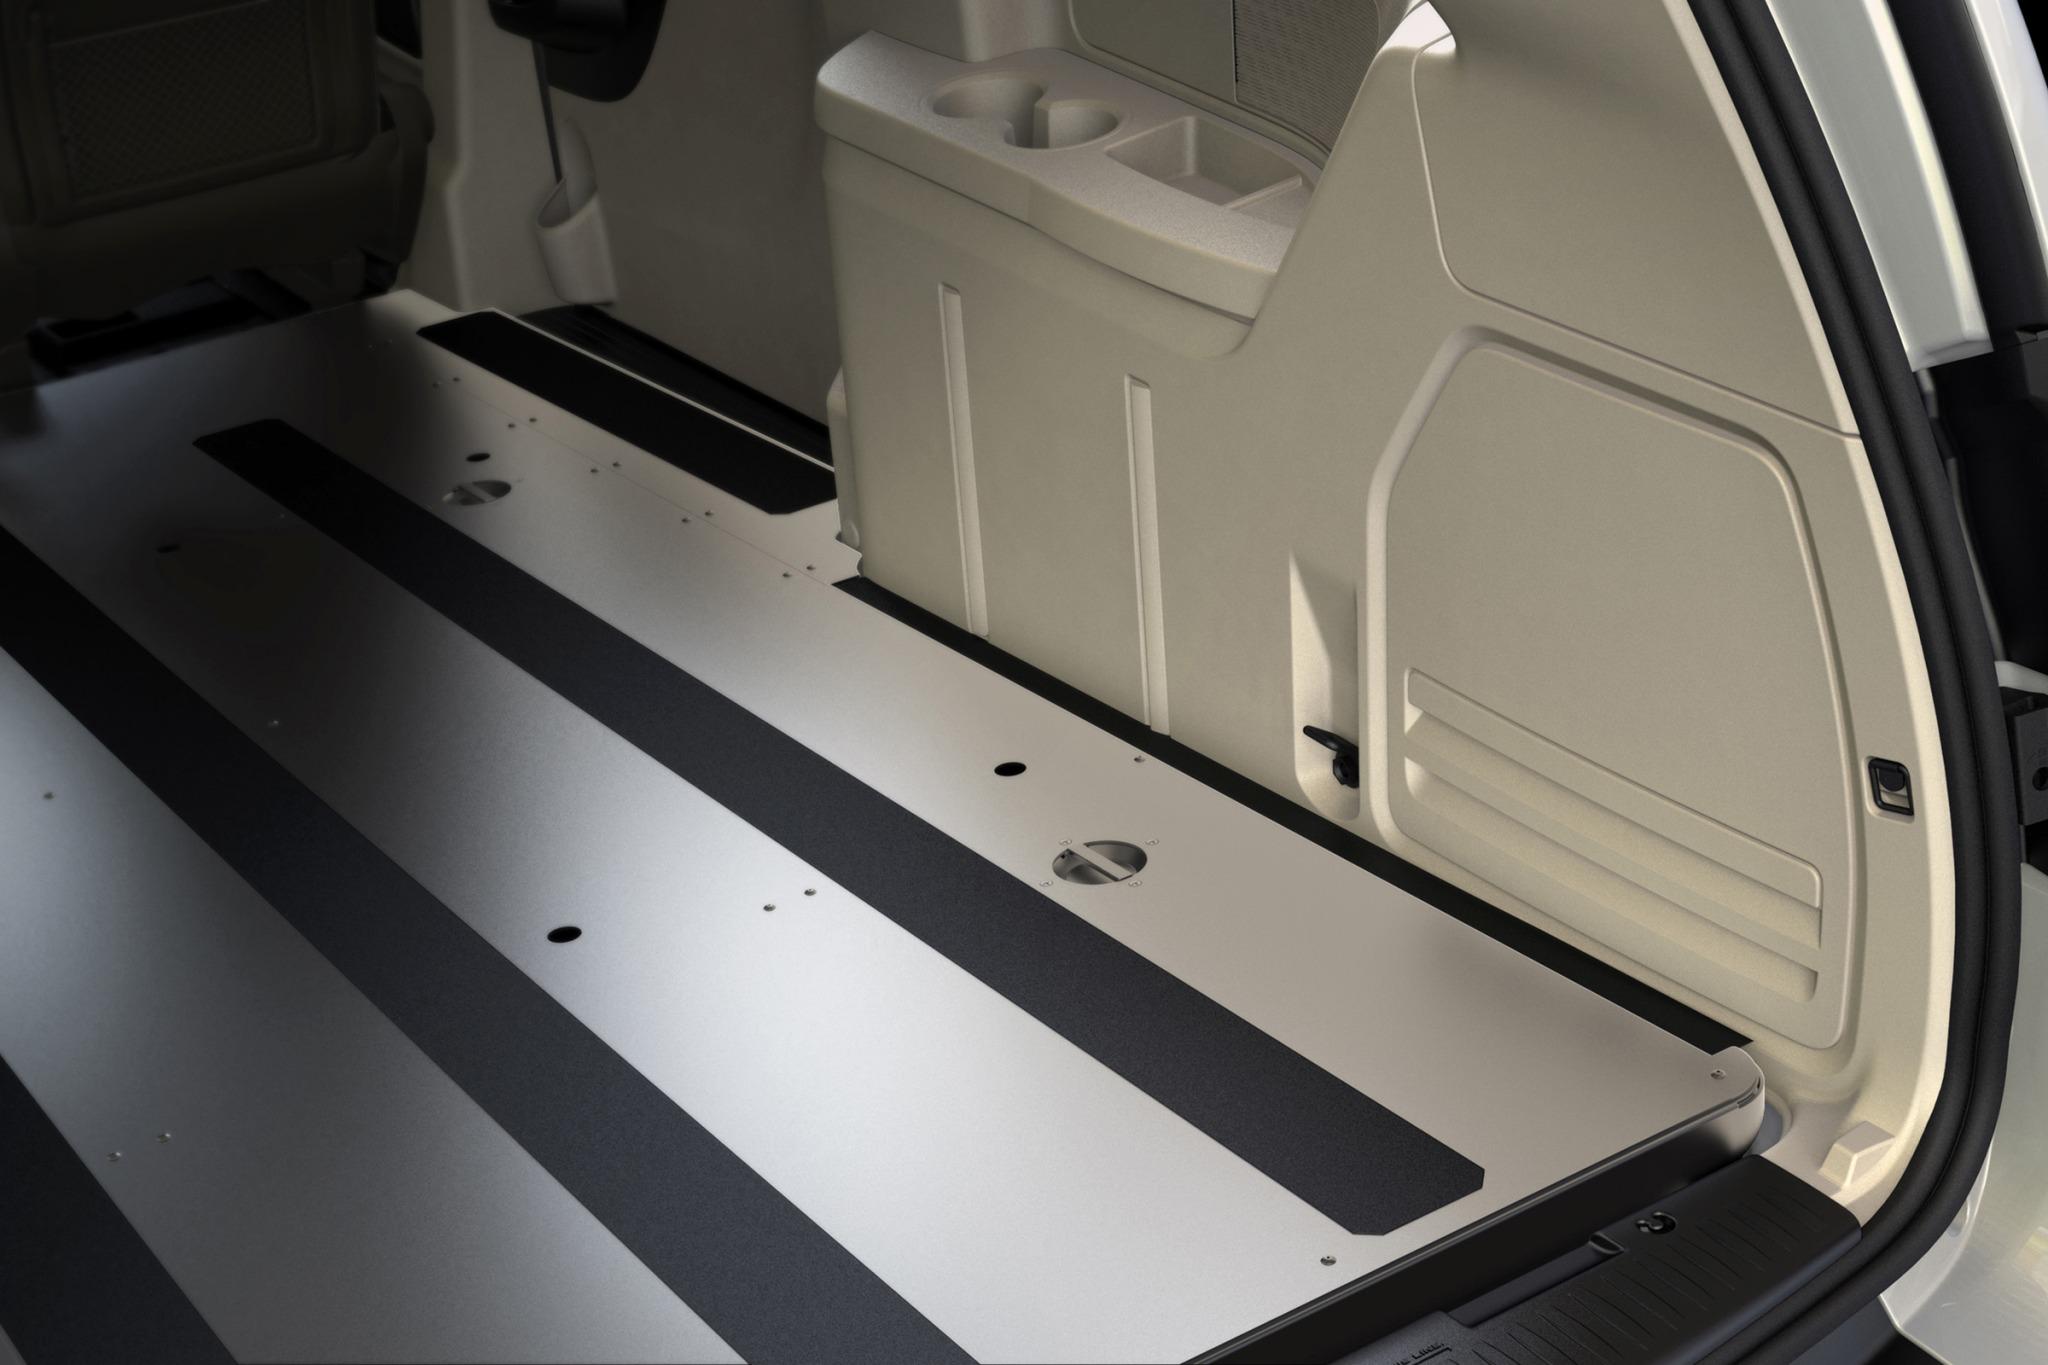 2014 ram cv cargo minivan interior 4